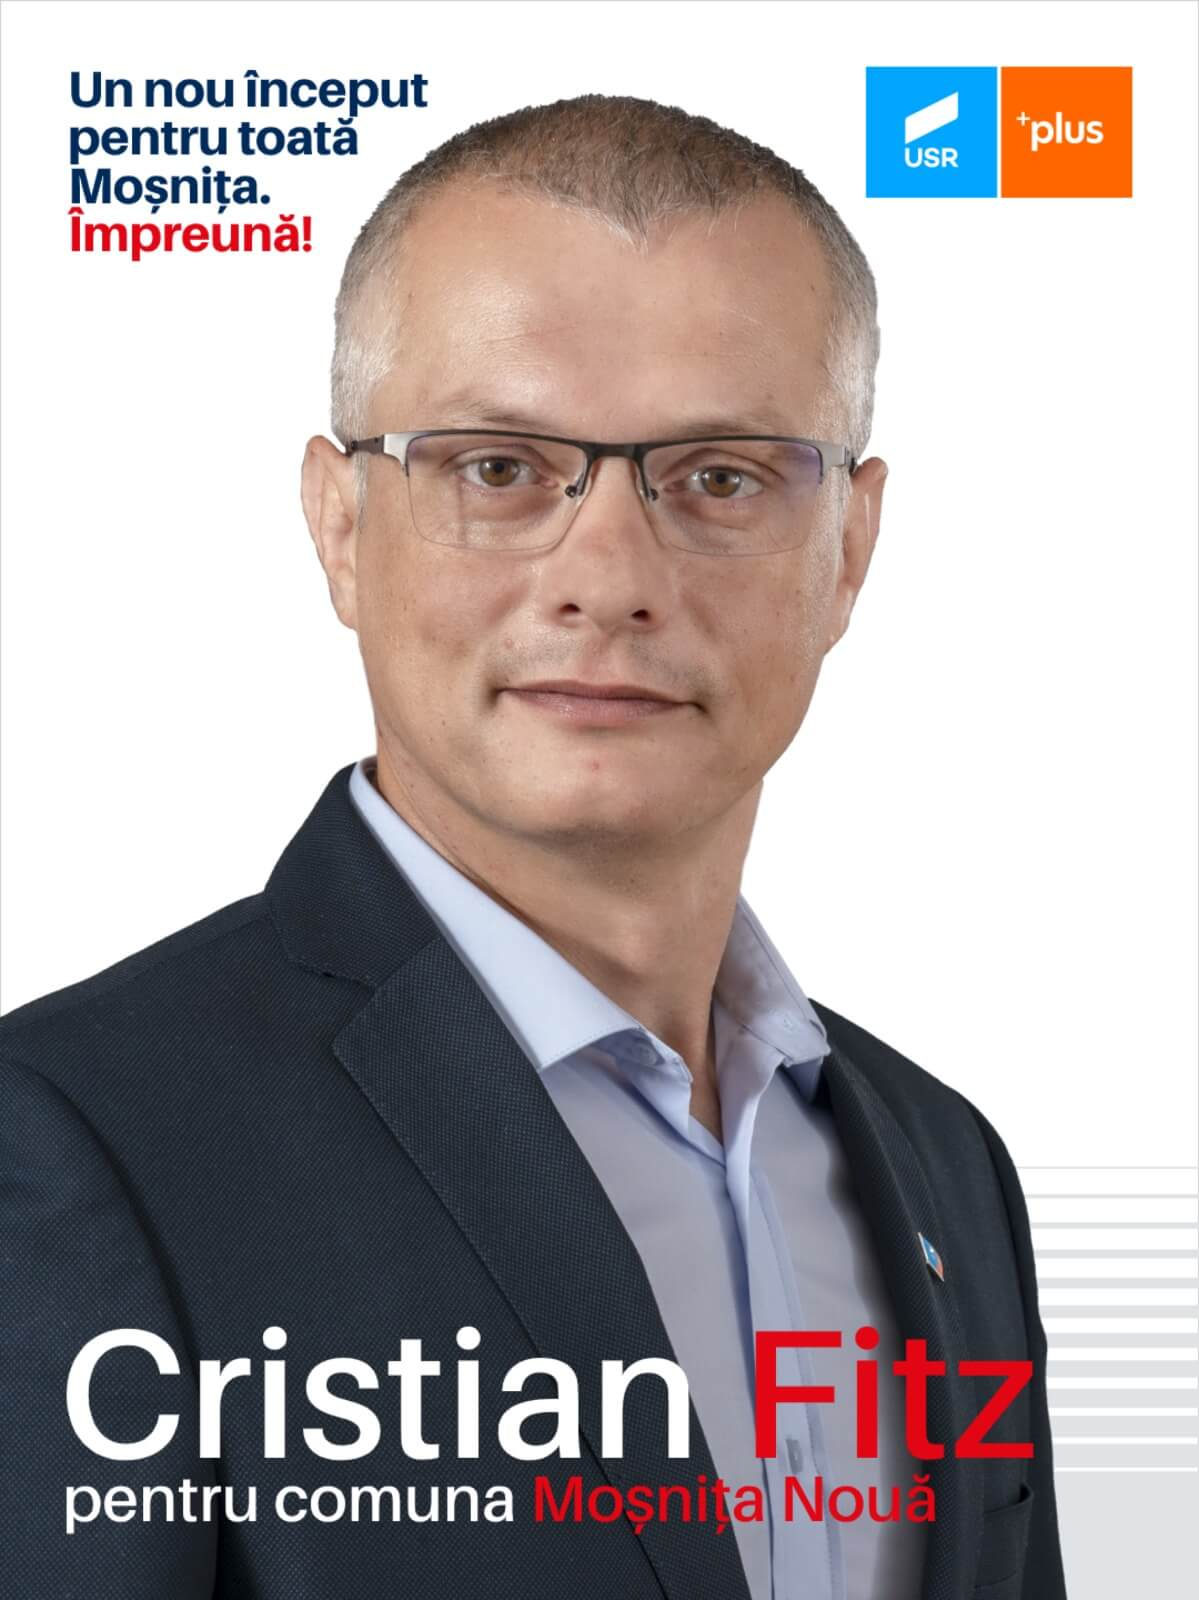 Cristian Leonard Fitz președinte Moșnița Nouă canidat Primărie Moșnița Nouă